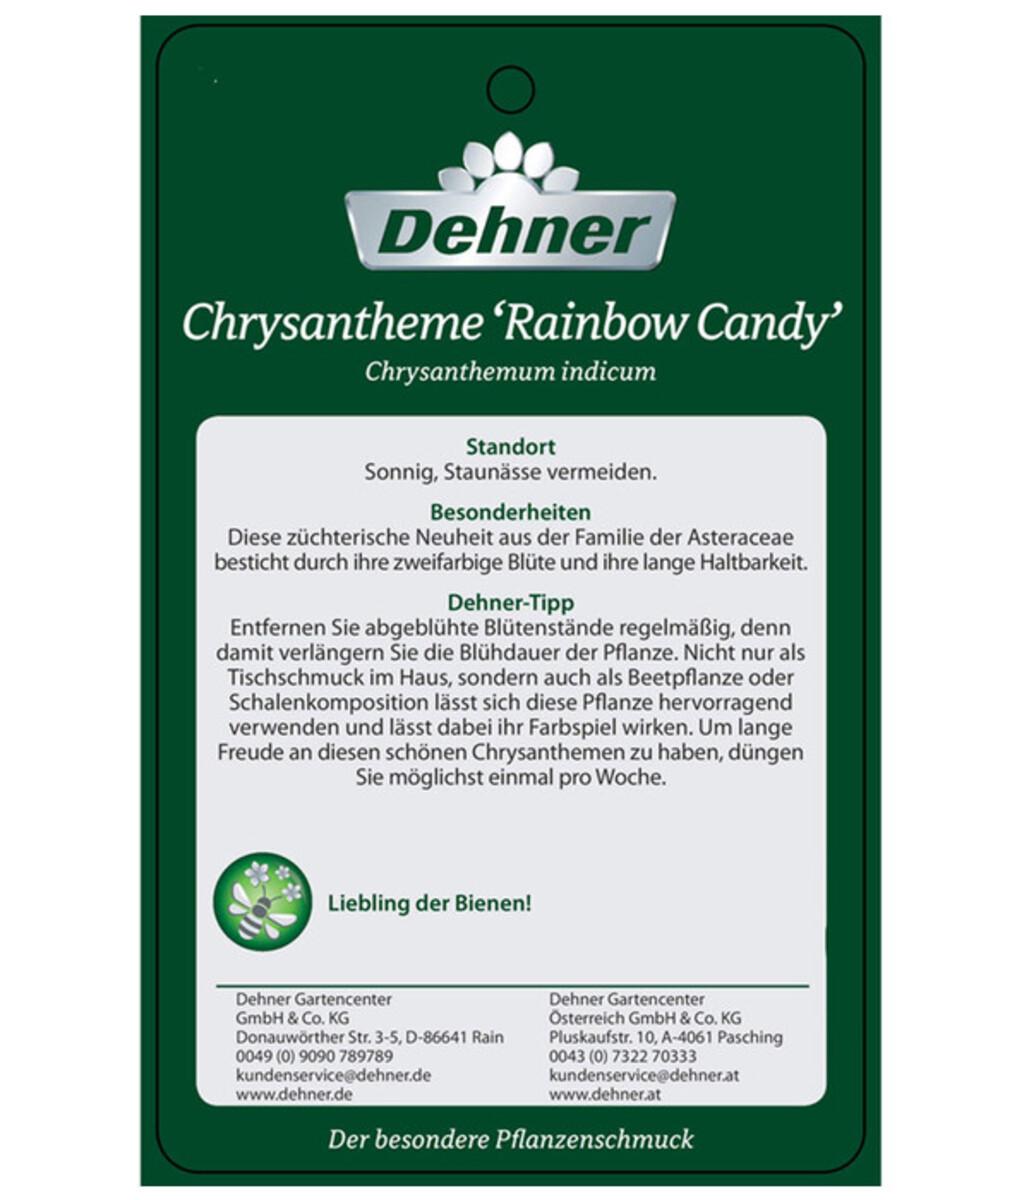 Bild 5 von Chrysantheme 'Rainbow Candy'